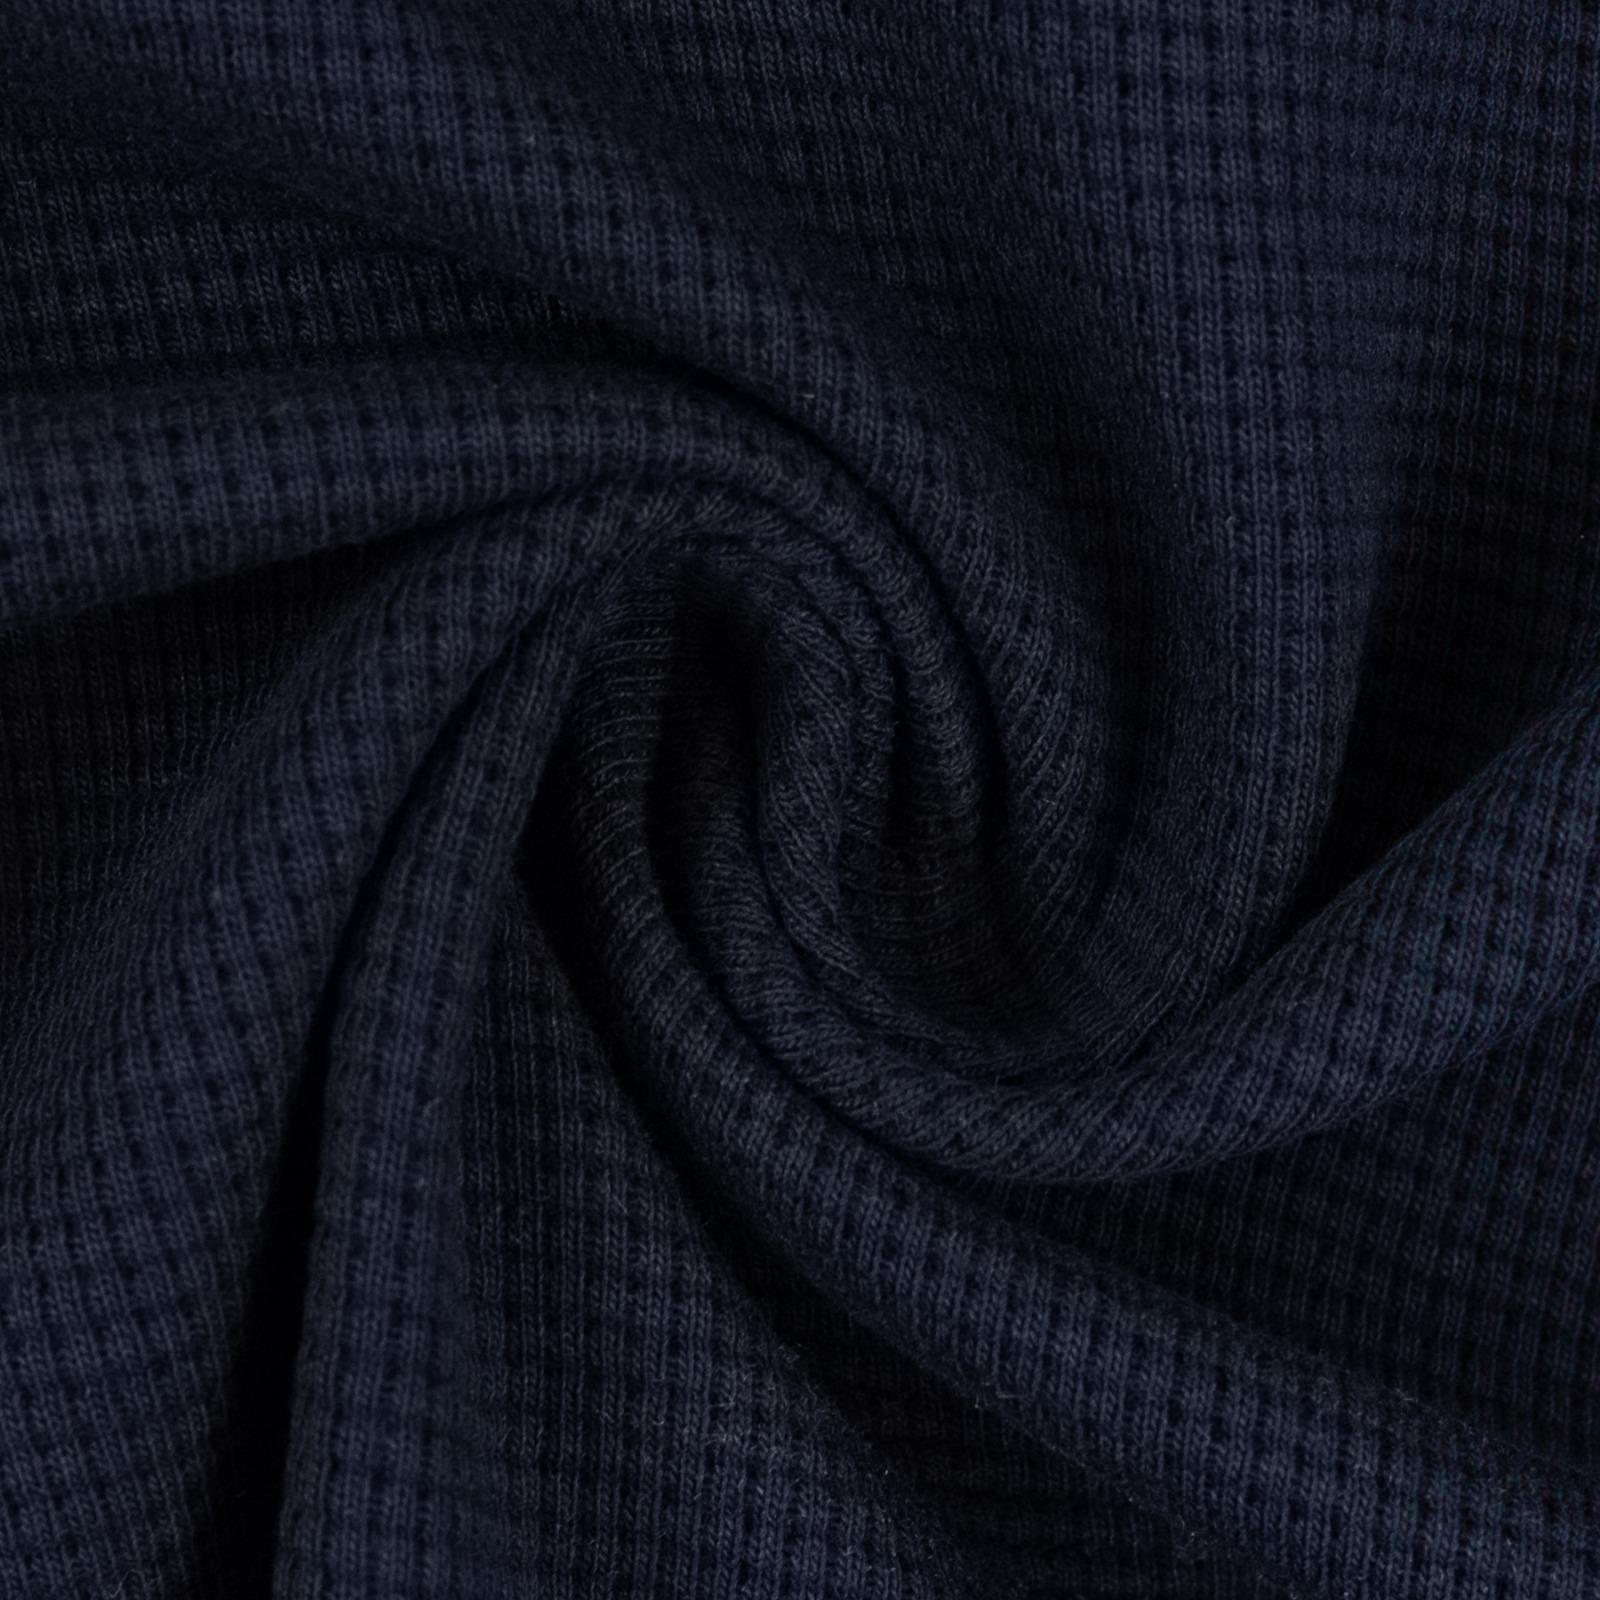 Waffeljersey 100 Baumwolle dunkelblau 1450 EUR/m